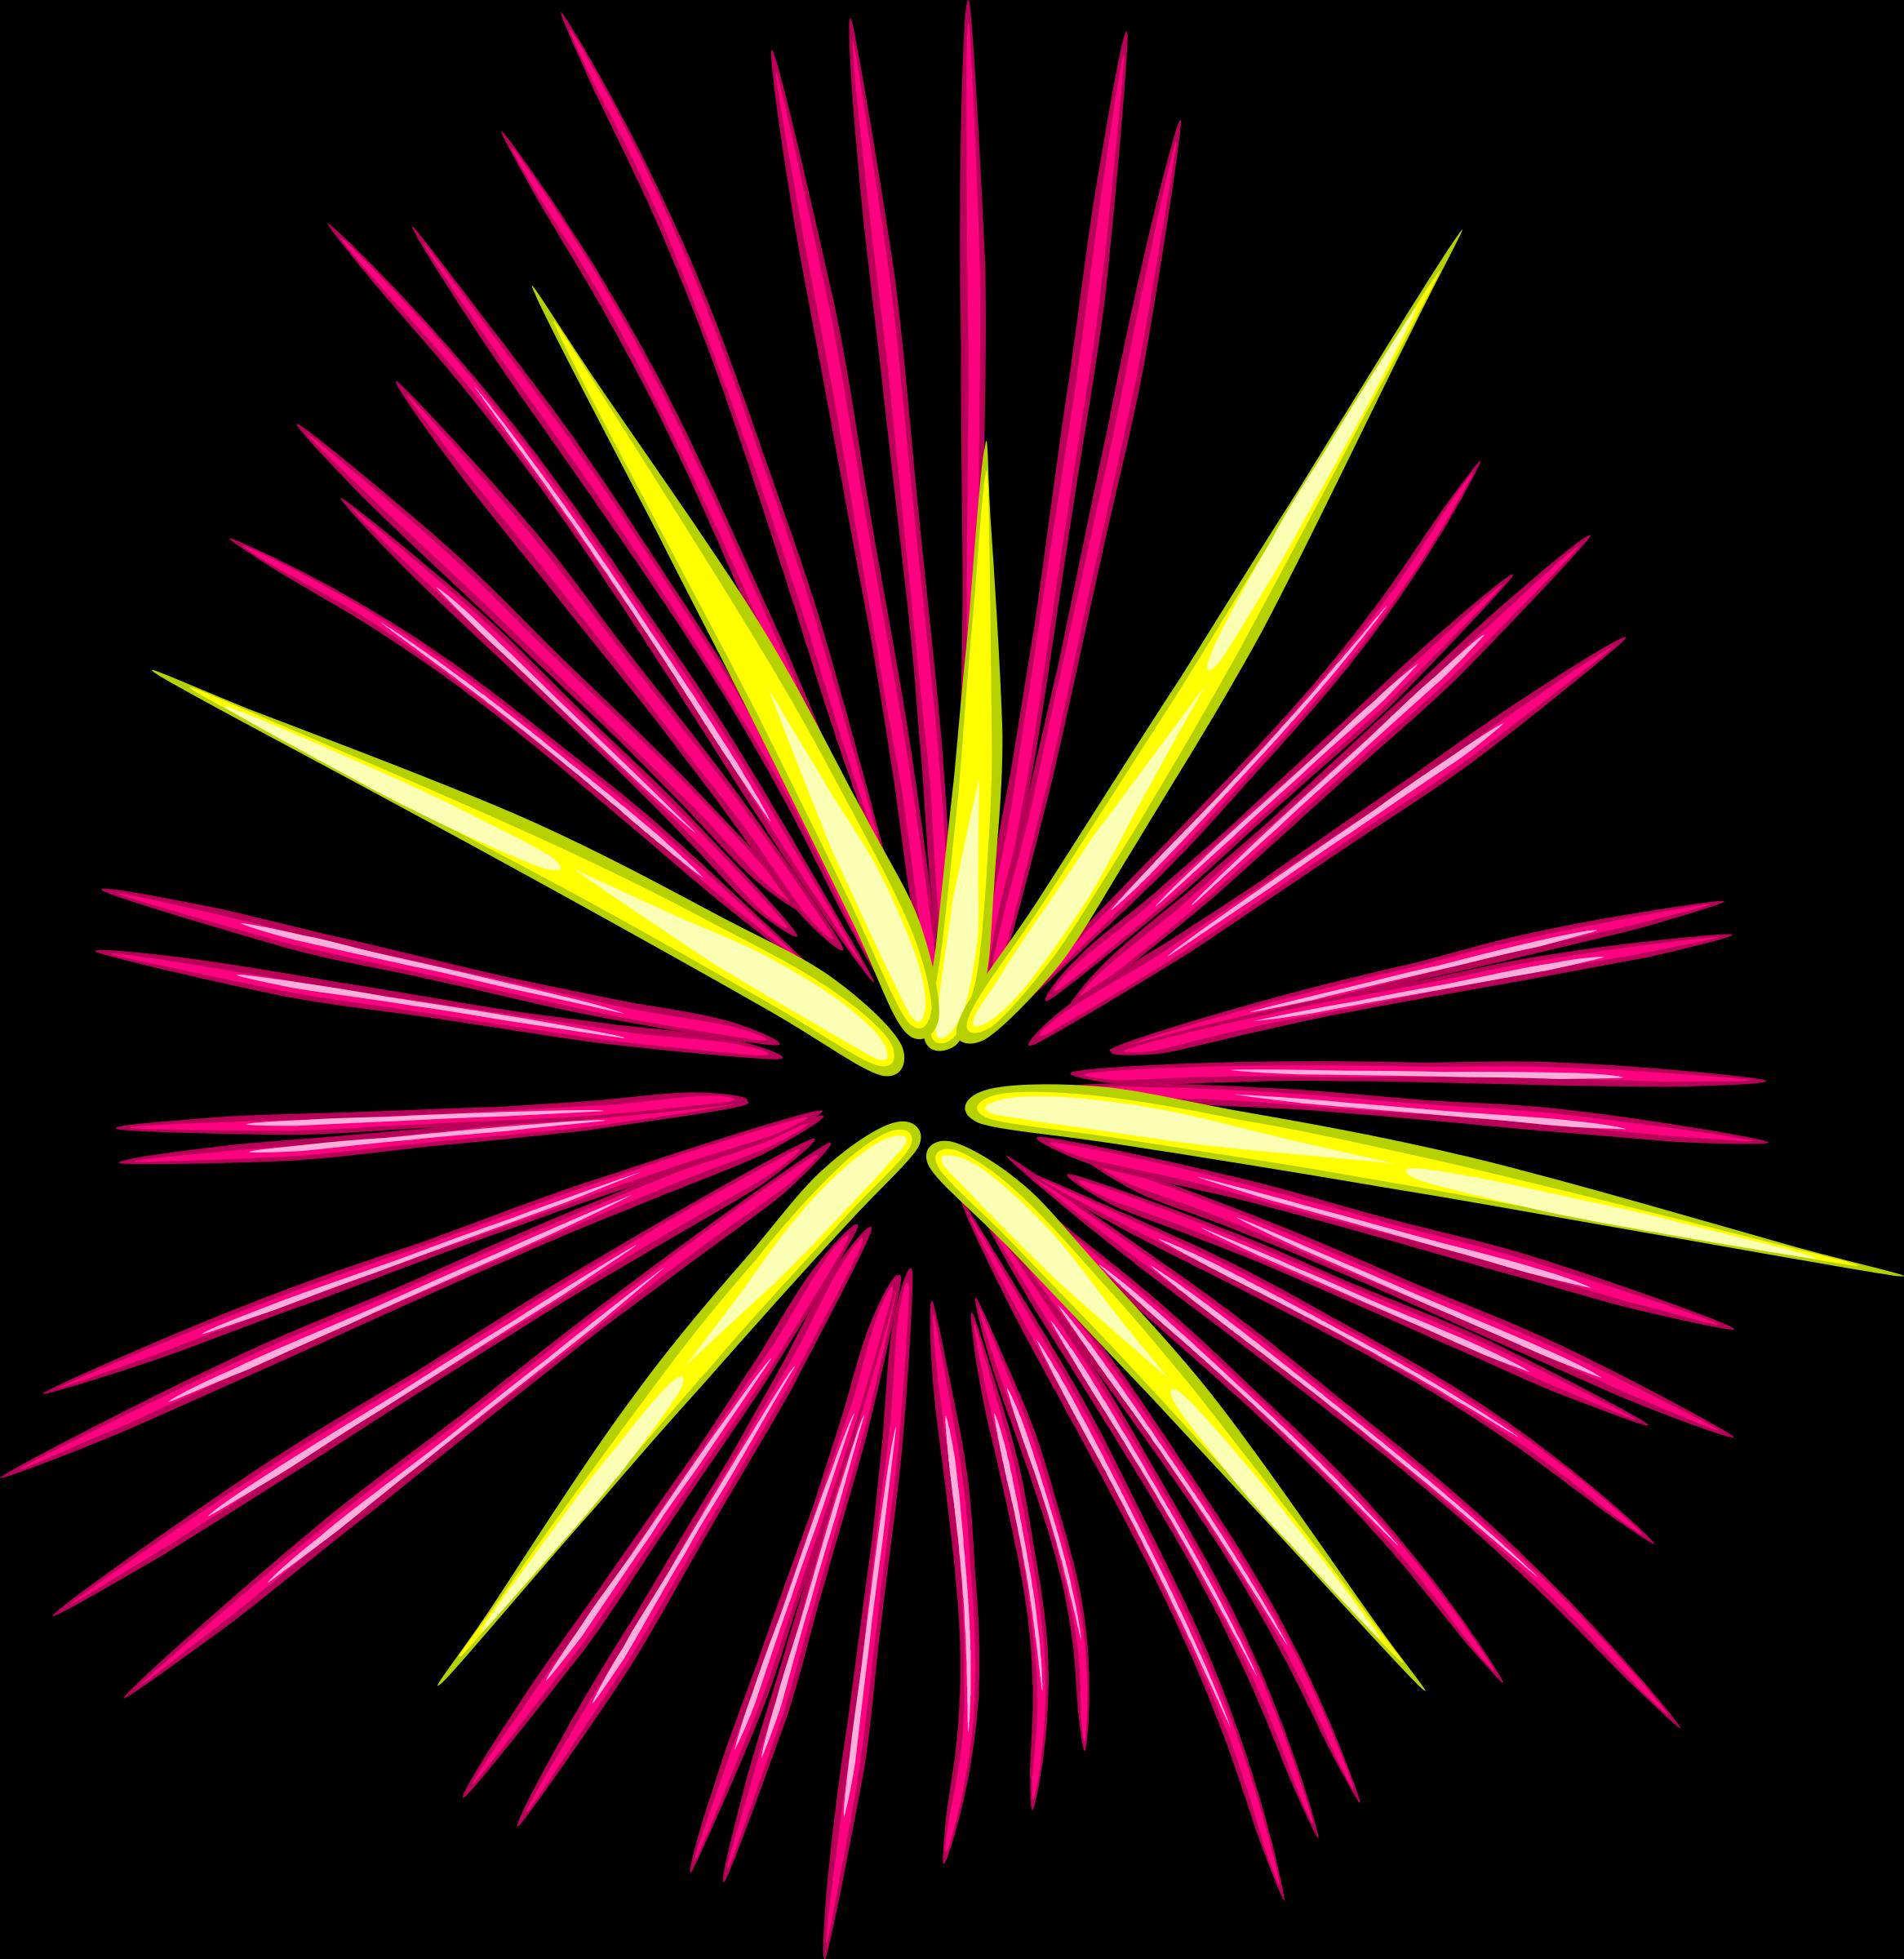 Fireworks clipart pink Fireworks Clipart Fireworks Pink Pink